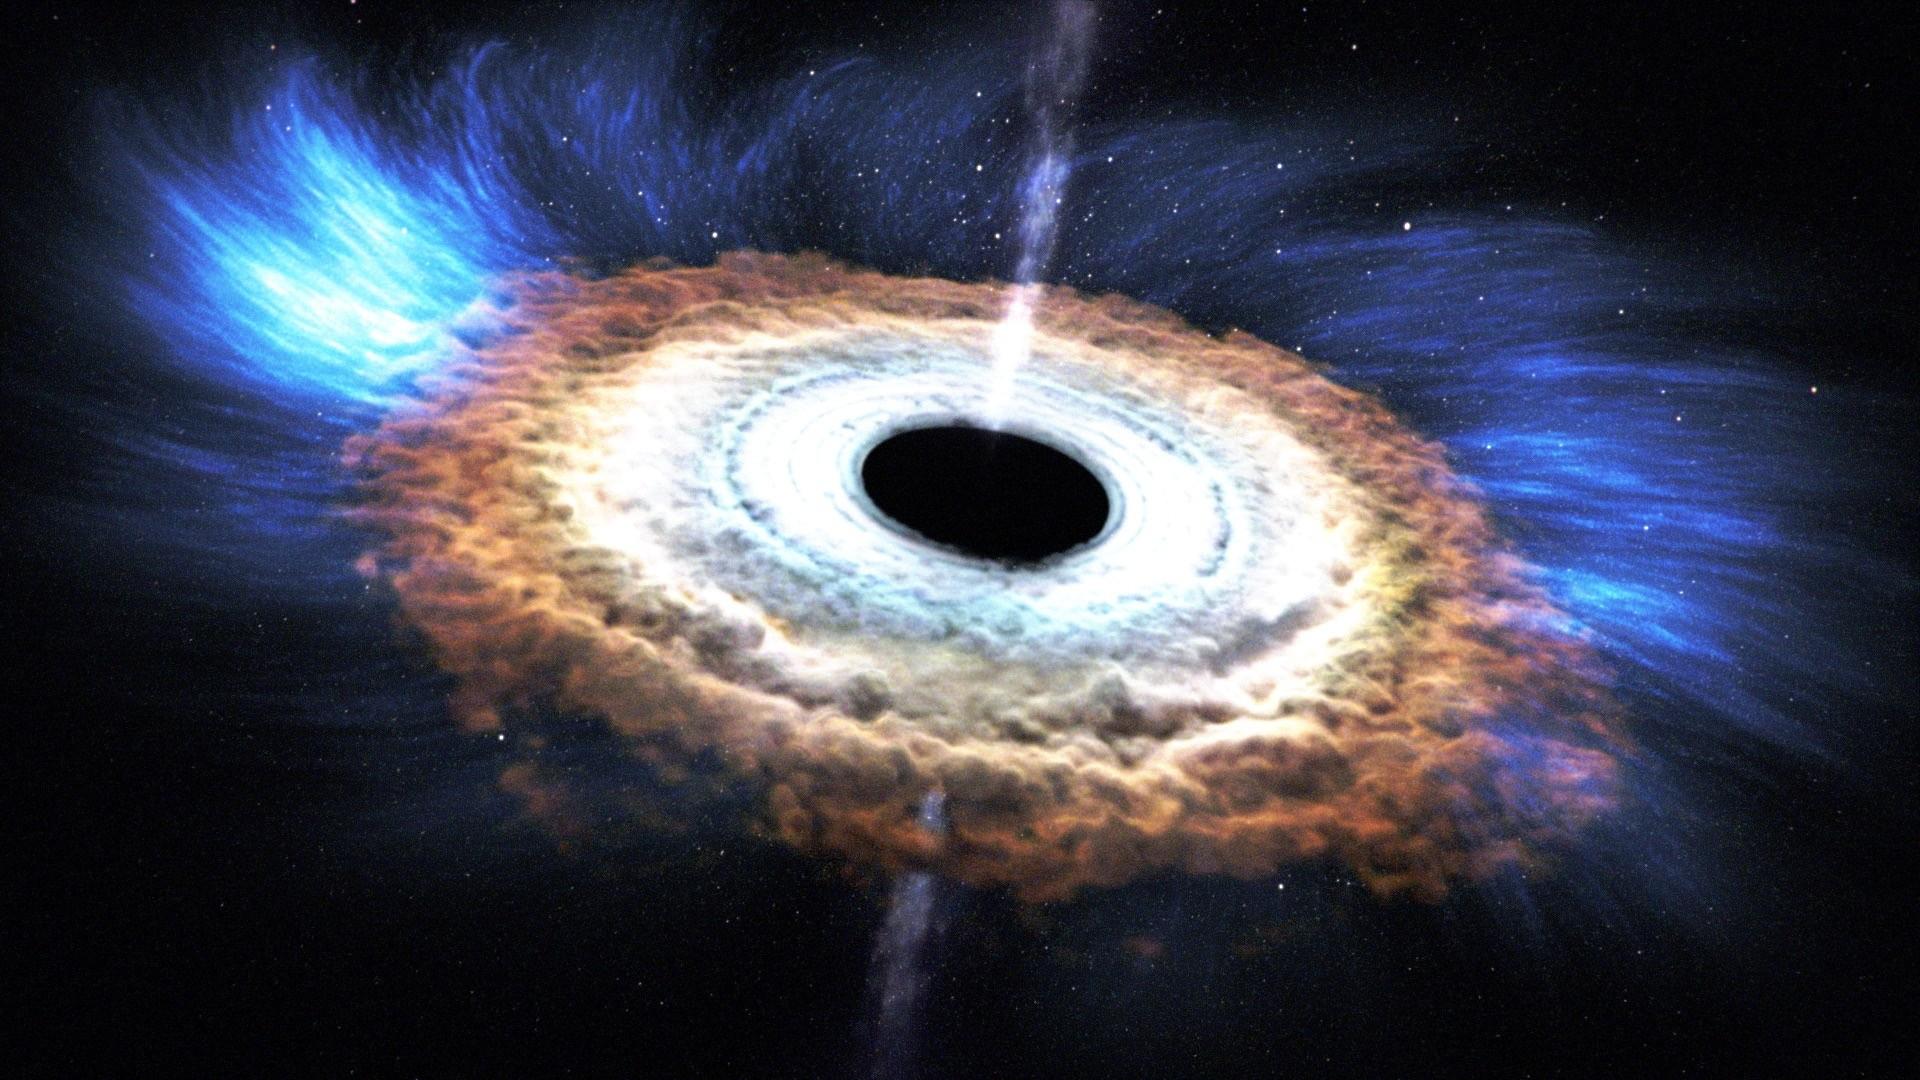 black hole definition - HD1920×1080